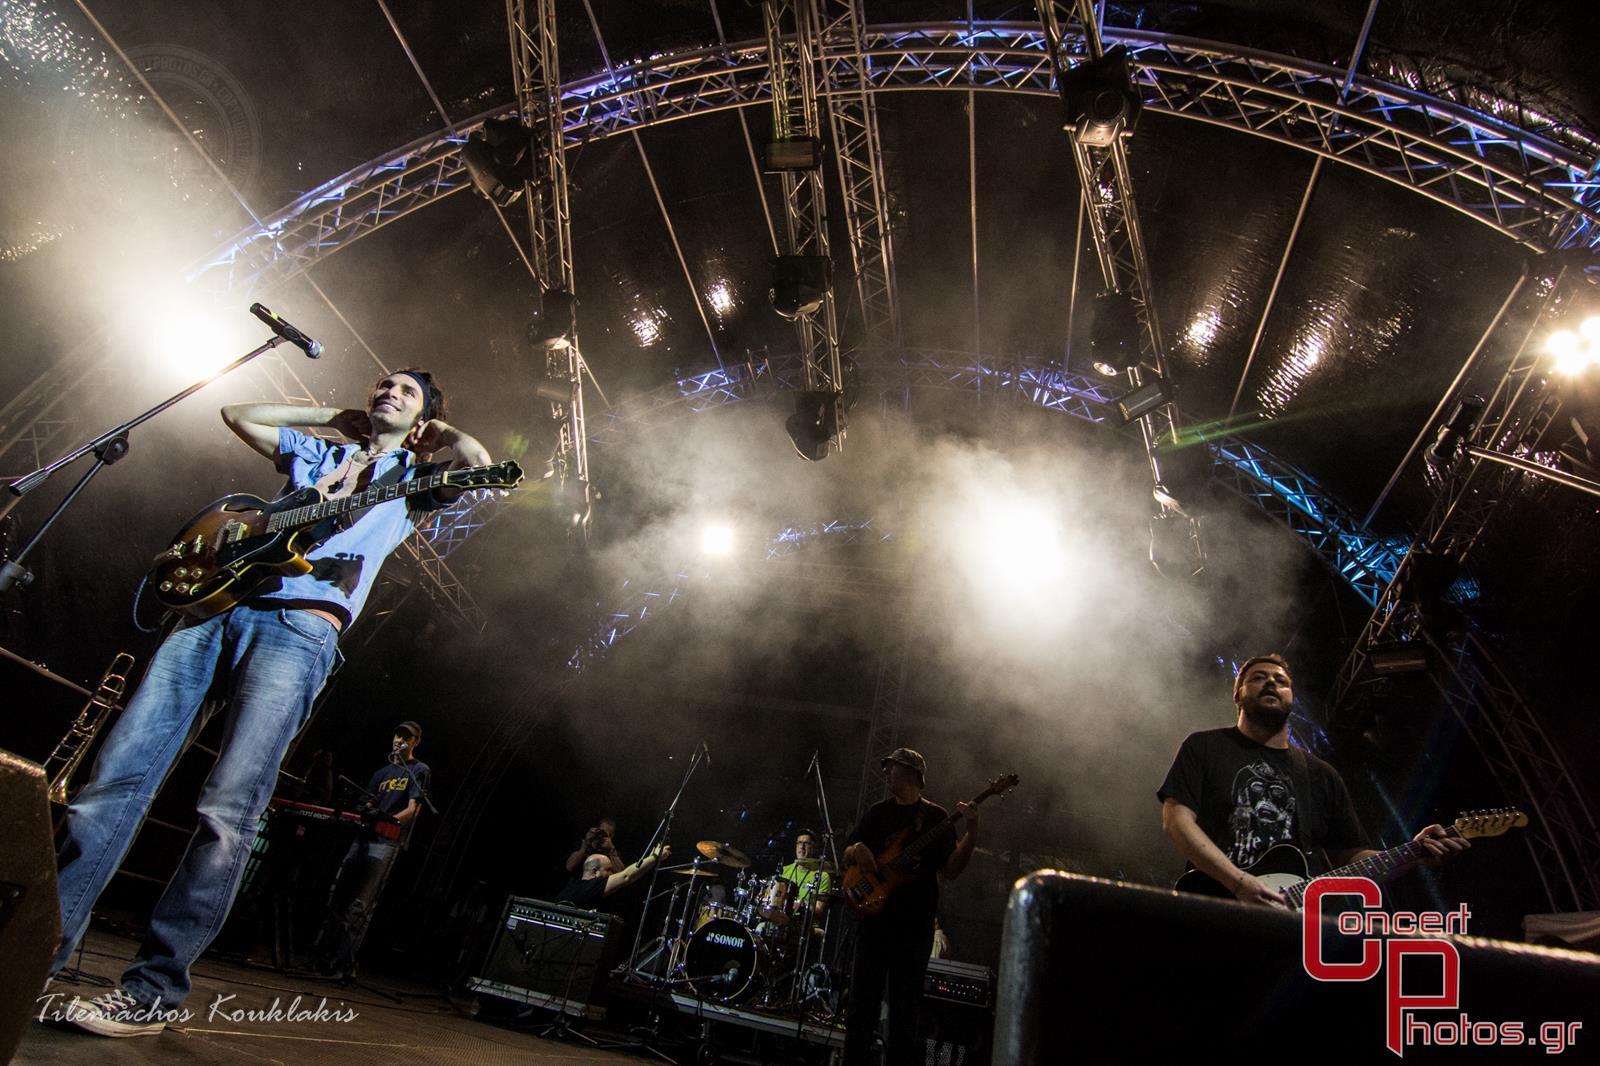 Μία συναυλία για τη Σχεδία 2014-Sxedia 2014 photographer:  - concertphotos_20140530_20_13_36-4